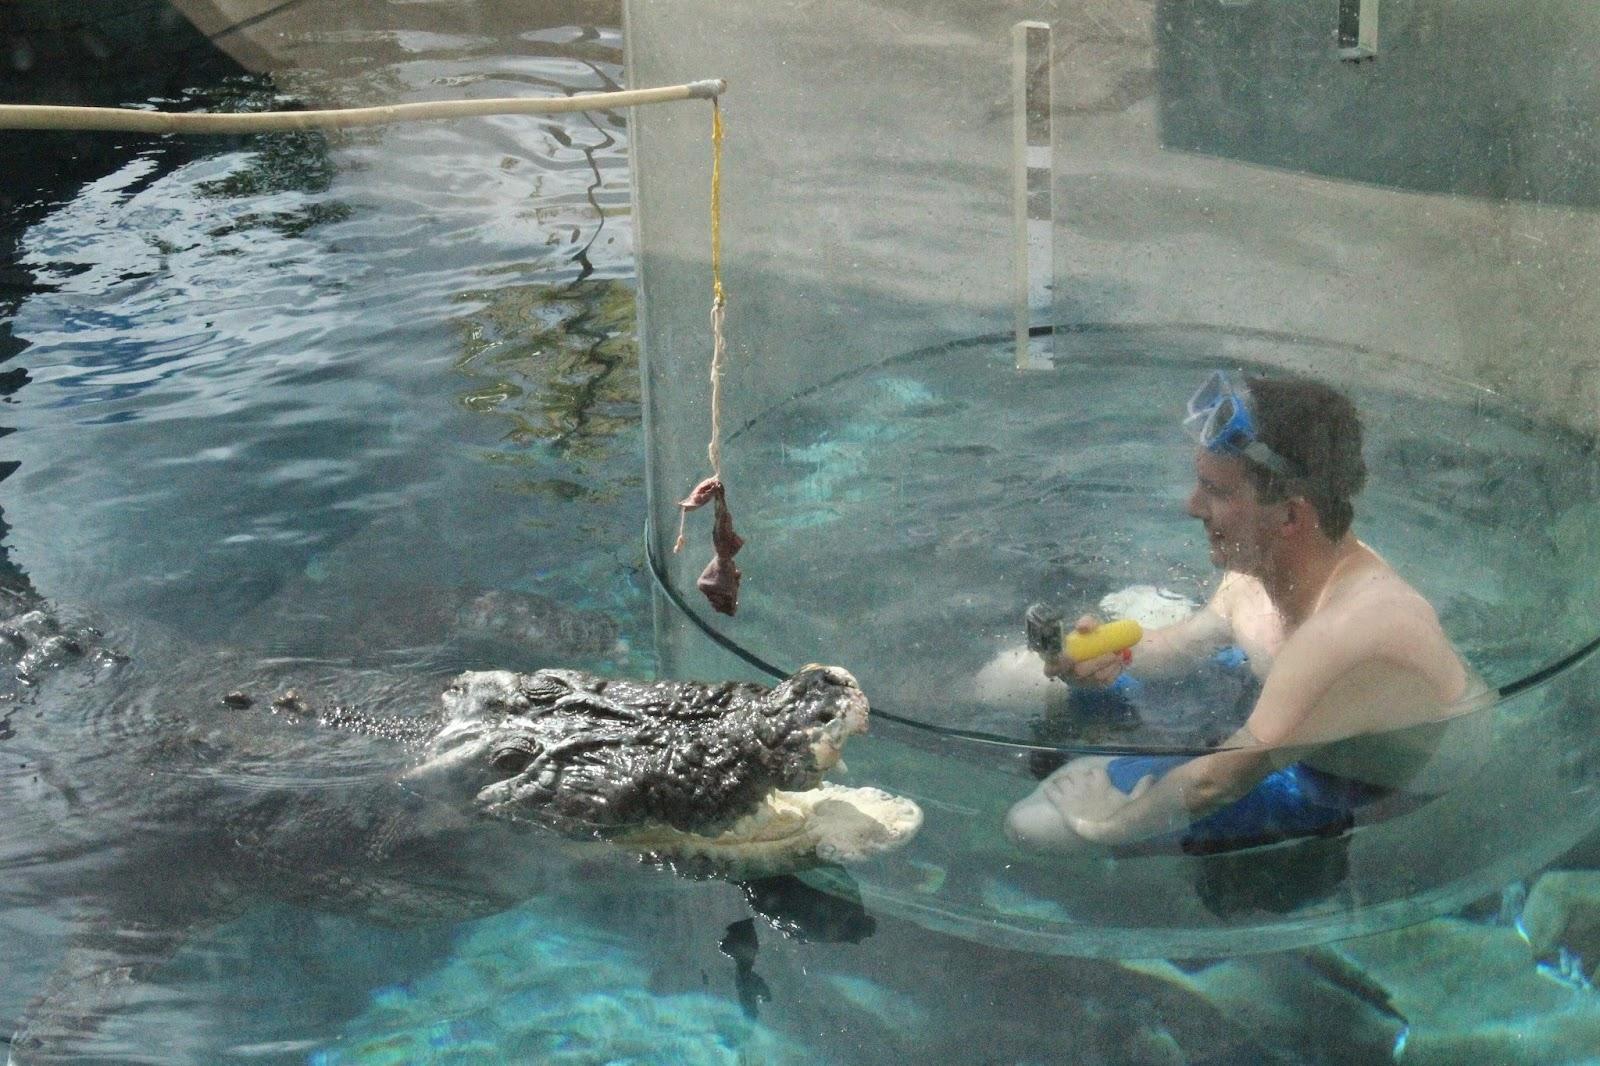 schlange isst krokodil